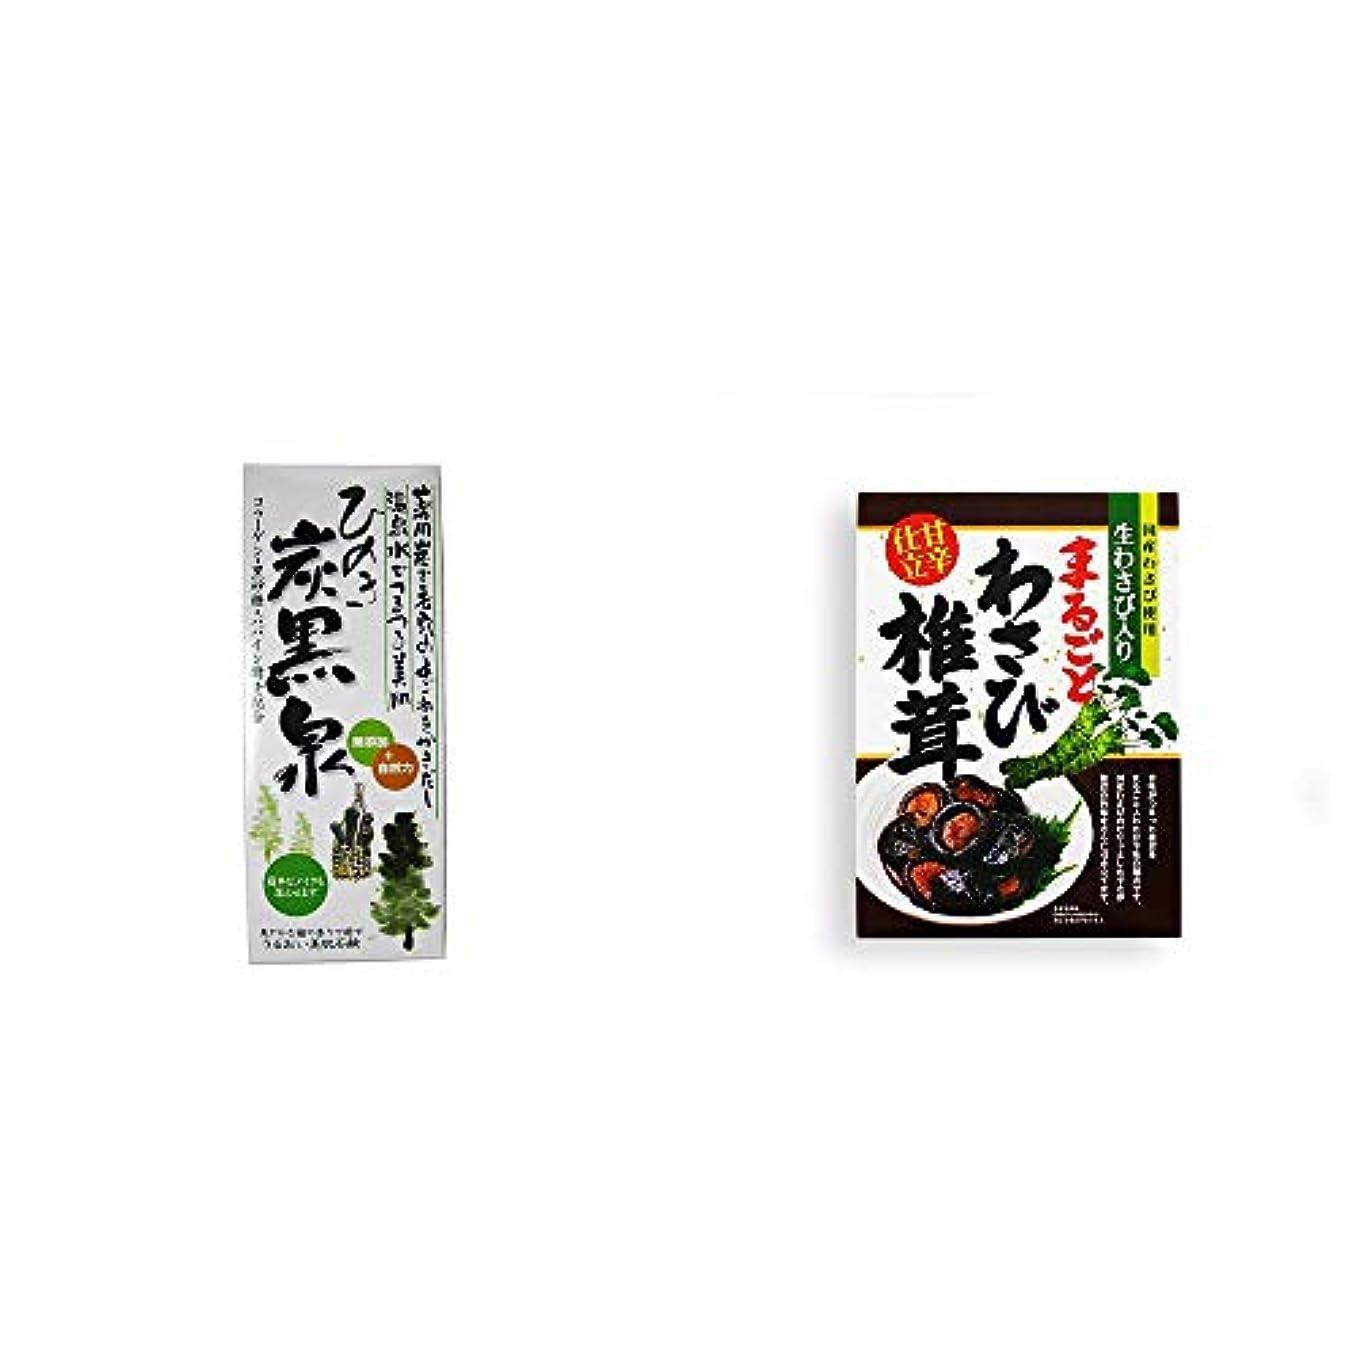 七時半四半期インフルエンザ[2点セット] ひのき炭黒泉 箱入り(75g×3)?まるごとわさび椎茸(200g)